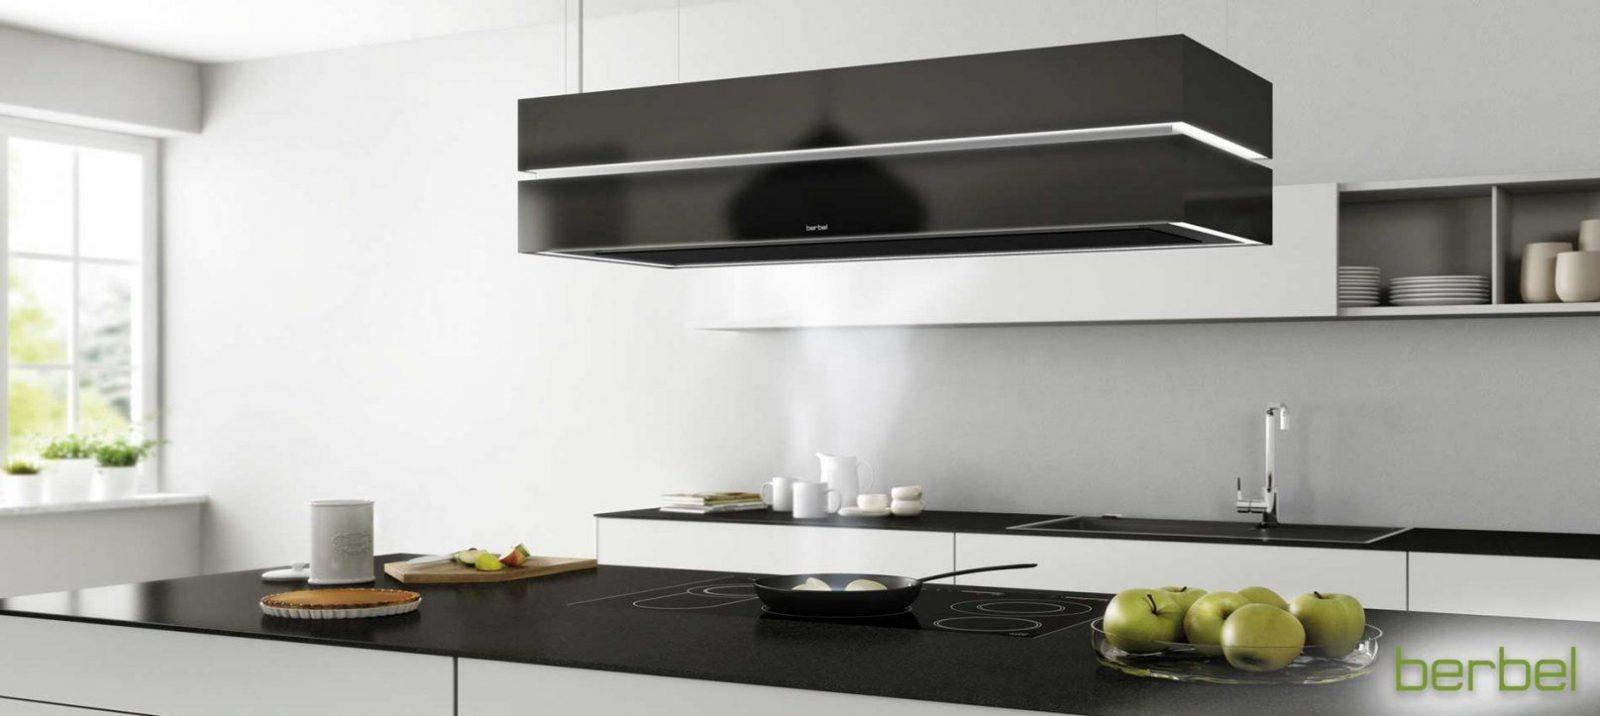 Berbel Dunstabzugsysteme In Pockau  Möbel U Küchen Schmutzler von Welche Dunstabzugshaube Ist Zu Empfehlen Photo